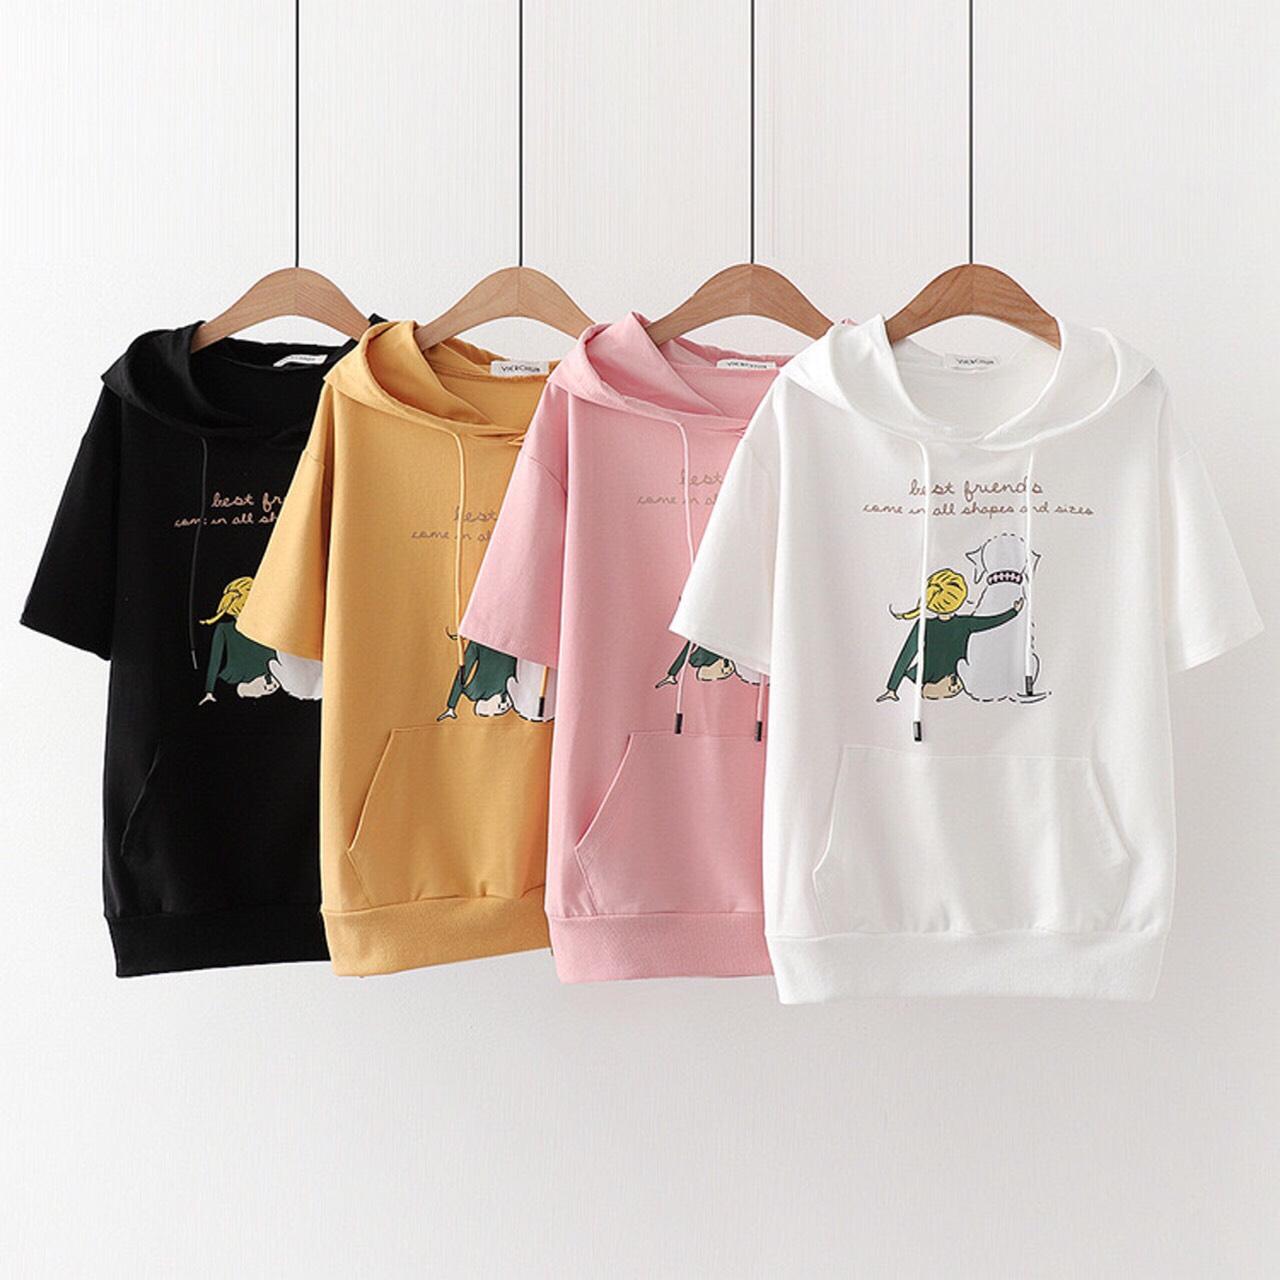 Áo thun hodie cho bé gái và mẹ chất thun cotton xinh mát có 4 màu như hình